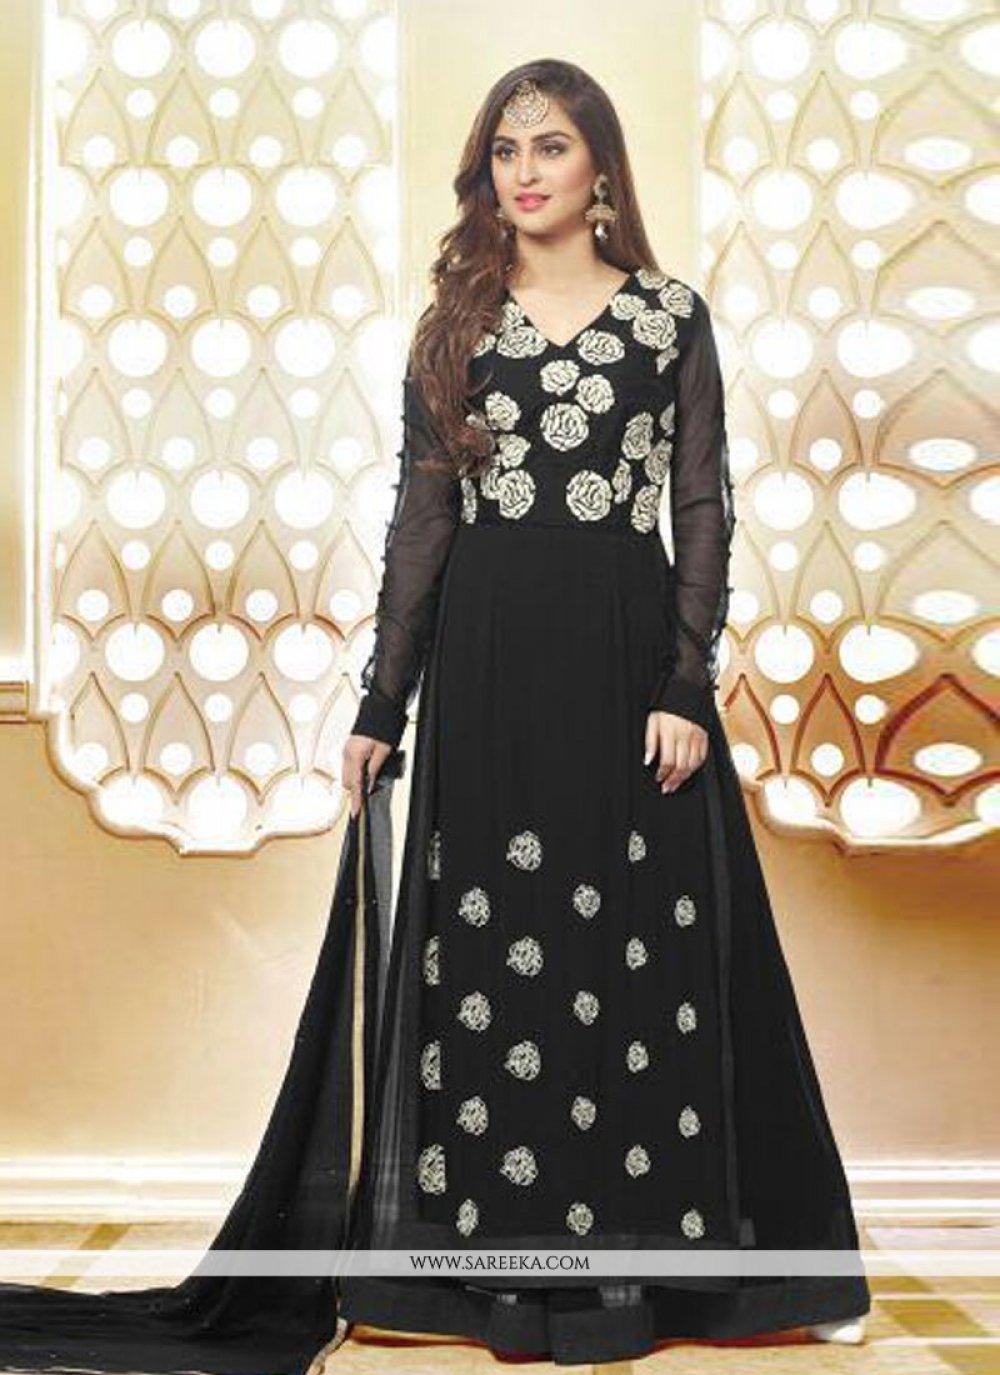 Resham Work Black Anarkali Salwar Kameez